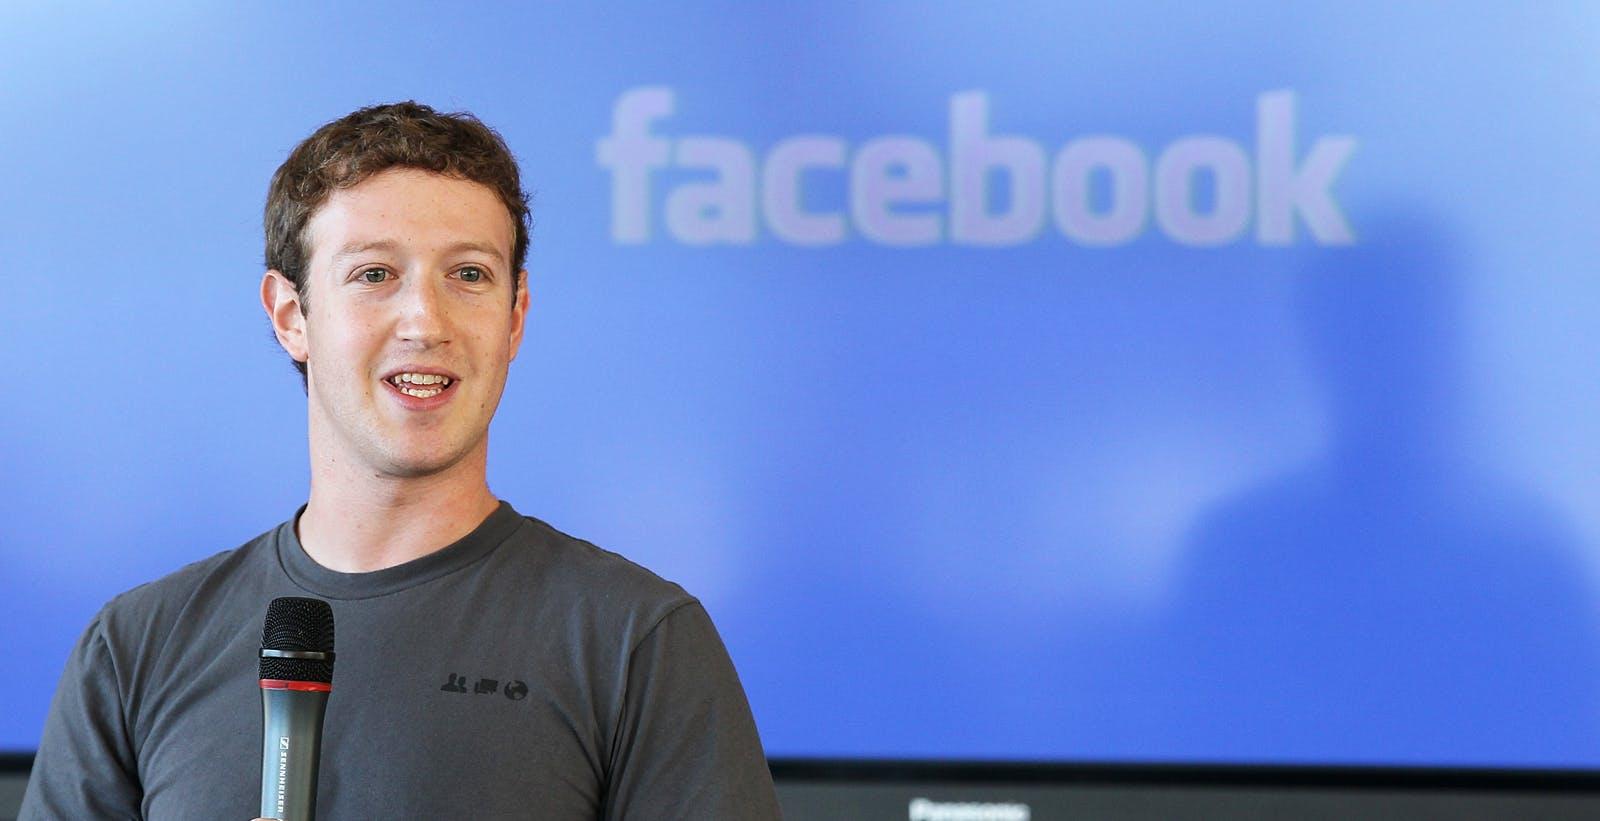 Facebook festeggia ottimi ricavi, ma i conti peggioreranno a causa delle novità di iOS 14